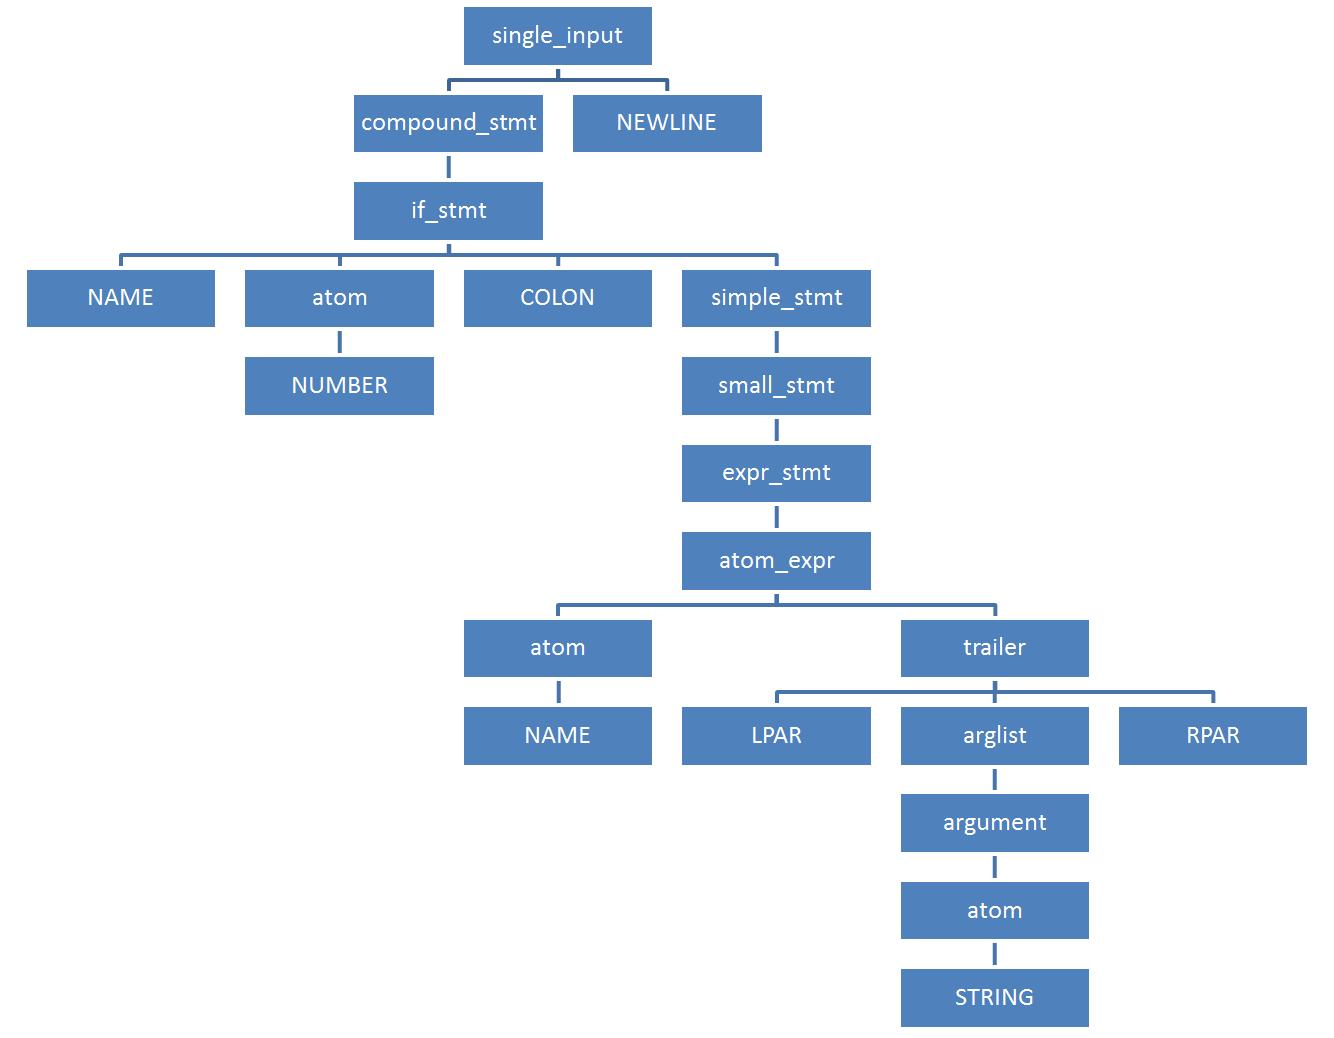 Как устроен парсер Python, и как втрое уменьшить потребление им памяти - 5